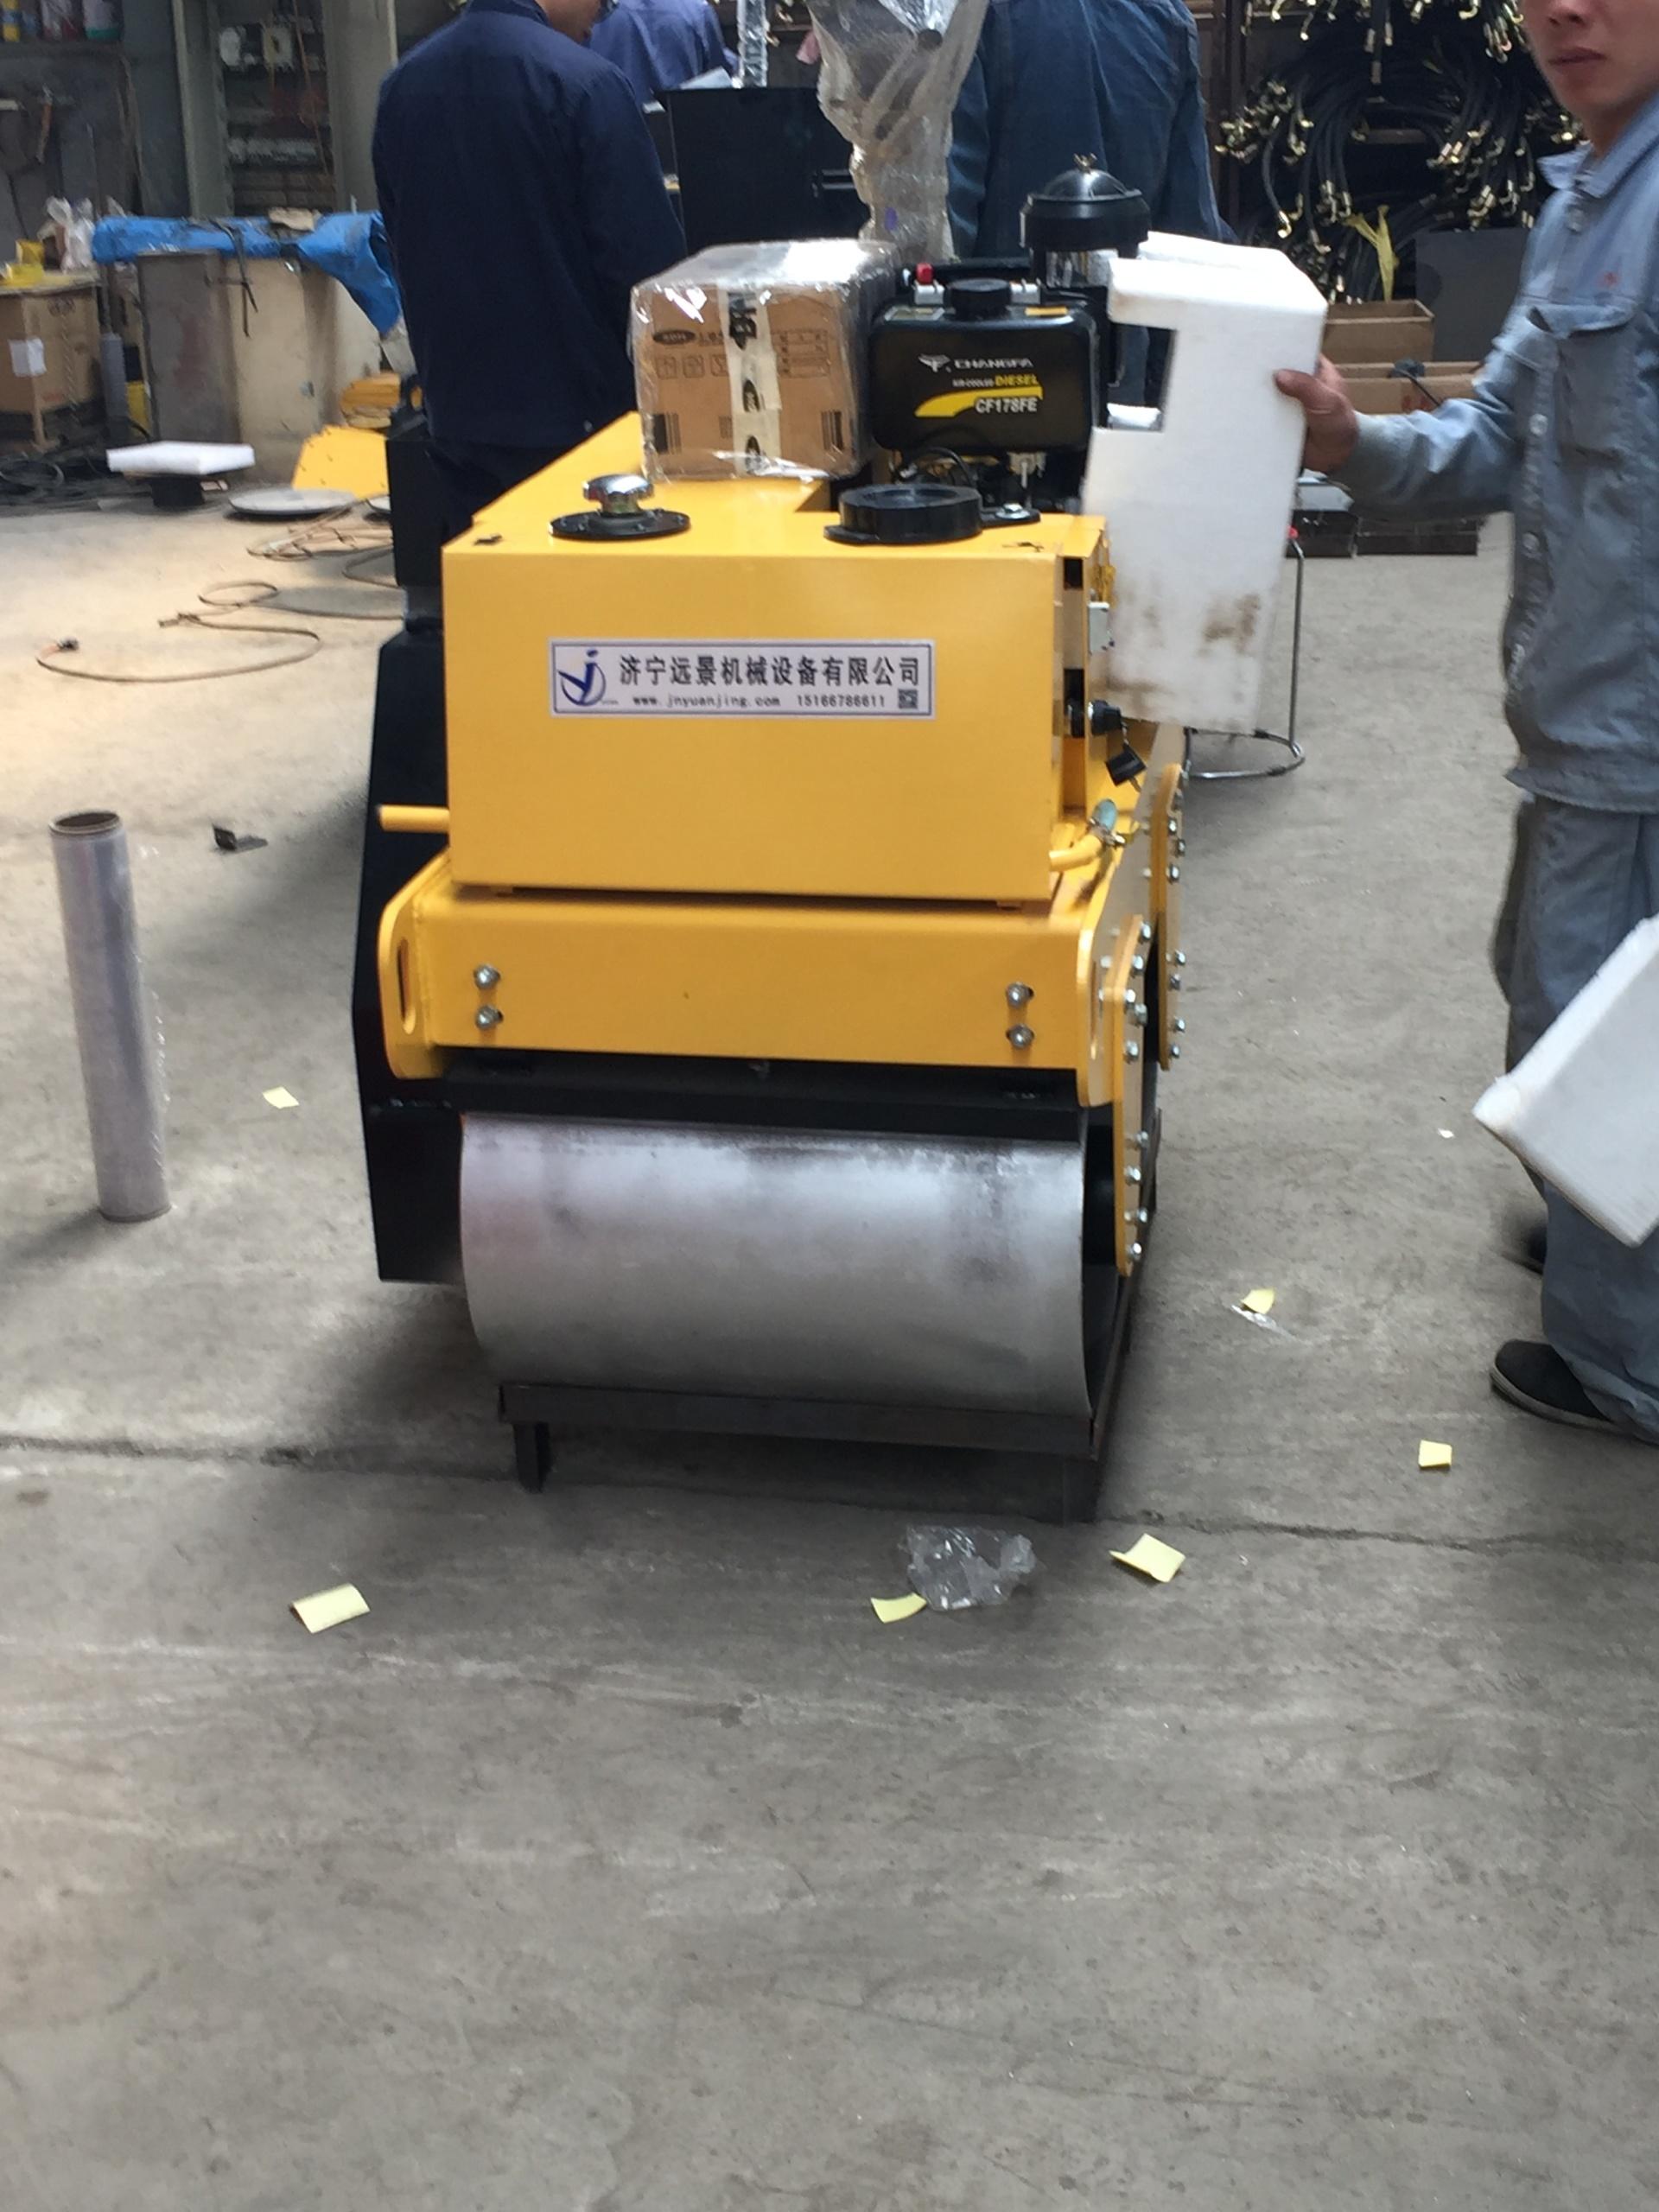 远景机械热销重型单轮压路机 加重款YJ730柴油压路机 手扶式压路机 小型压路机示例图13